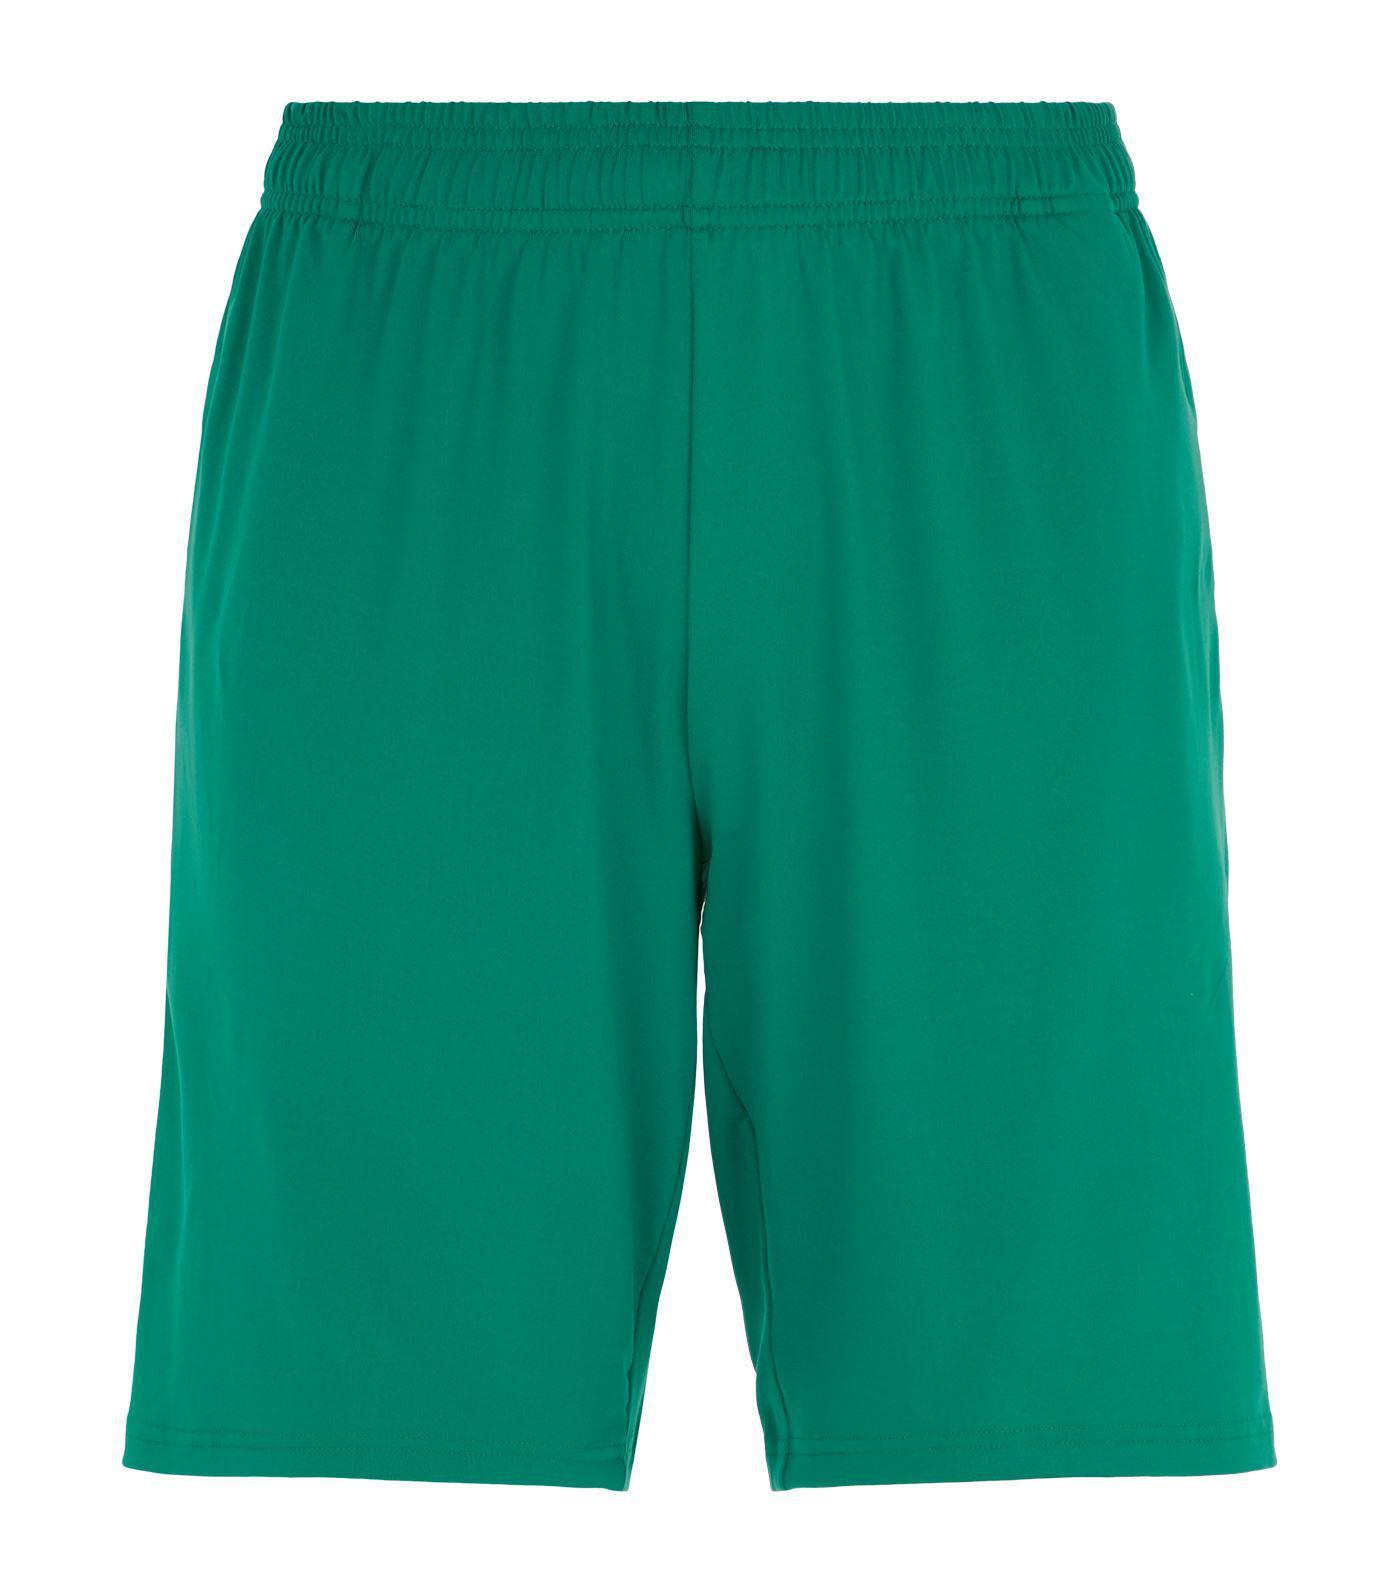 lyst adidas 4krft primo addestramento pantaloncini in verde per gli uomini.